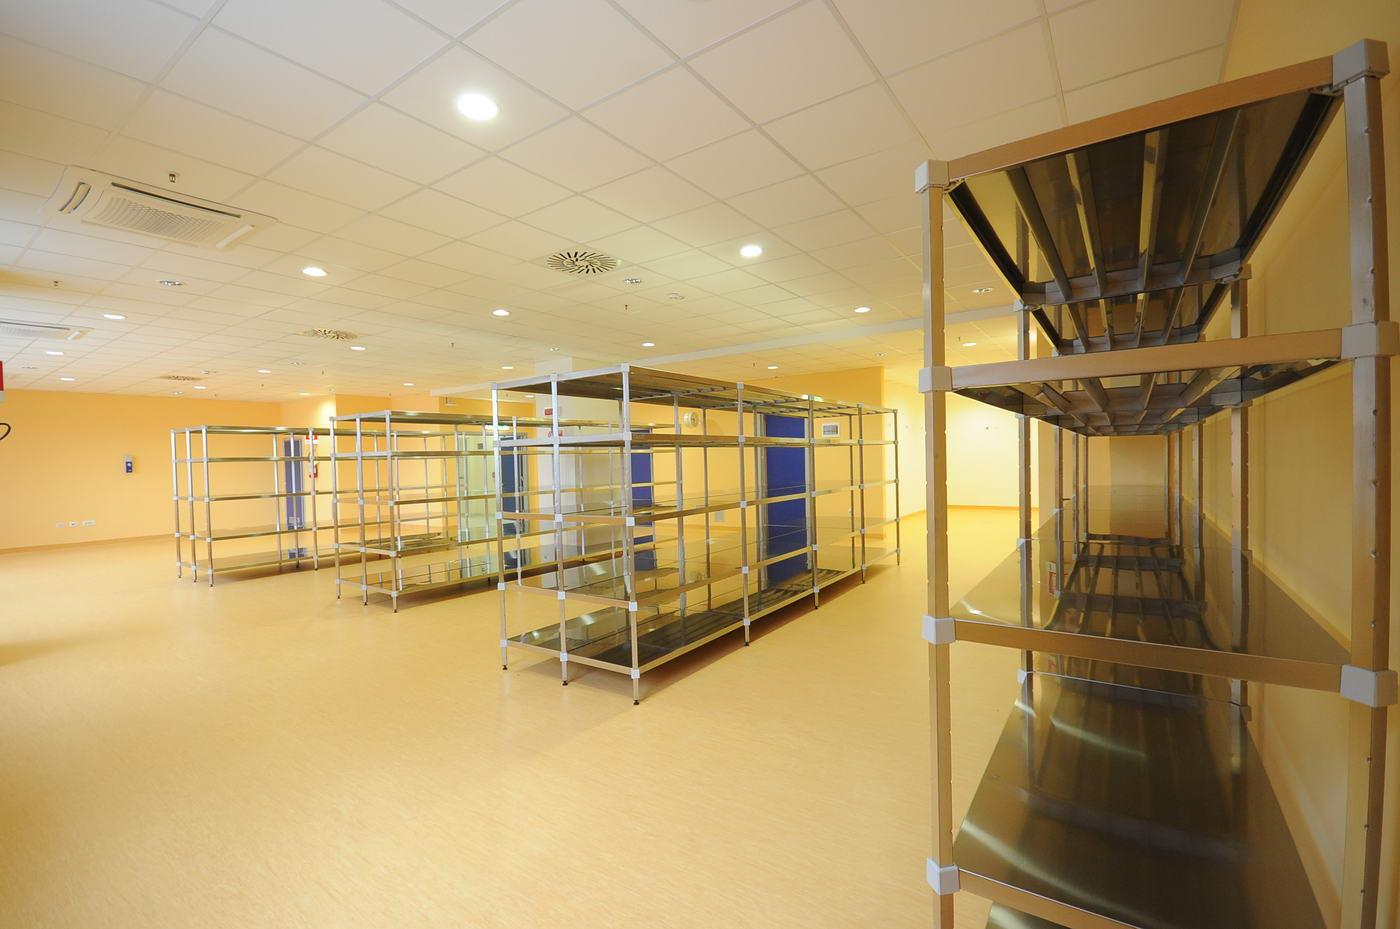 Scaffalature magazzino economale e farmacia